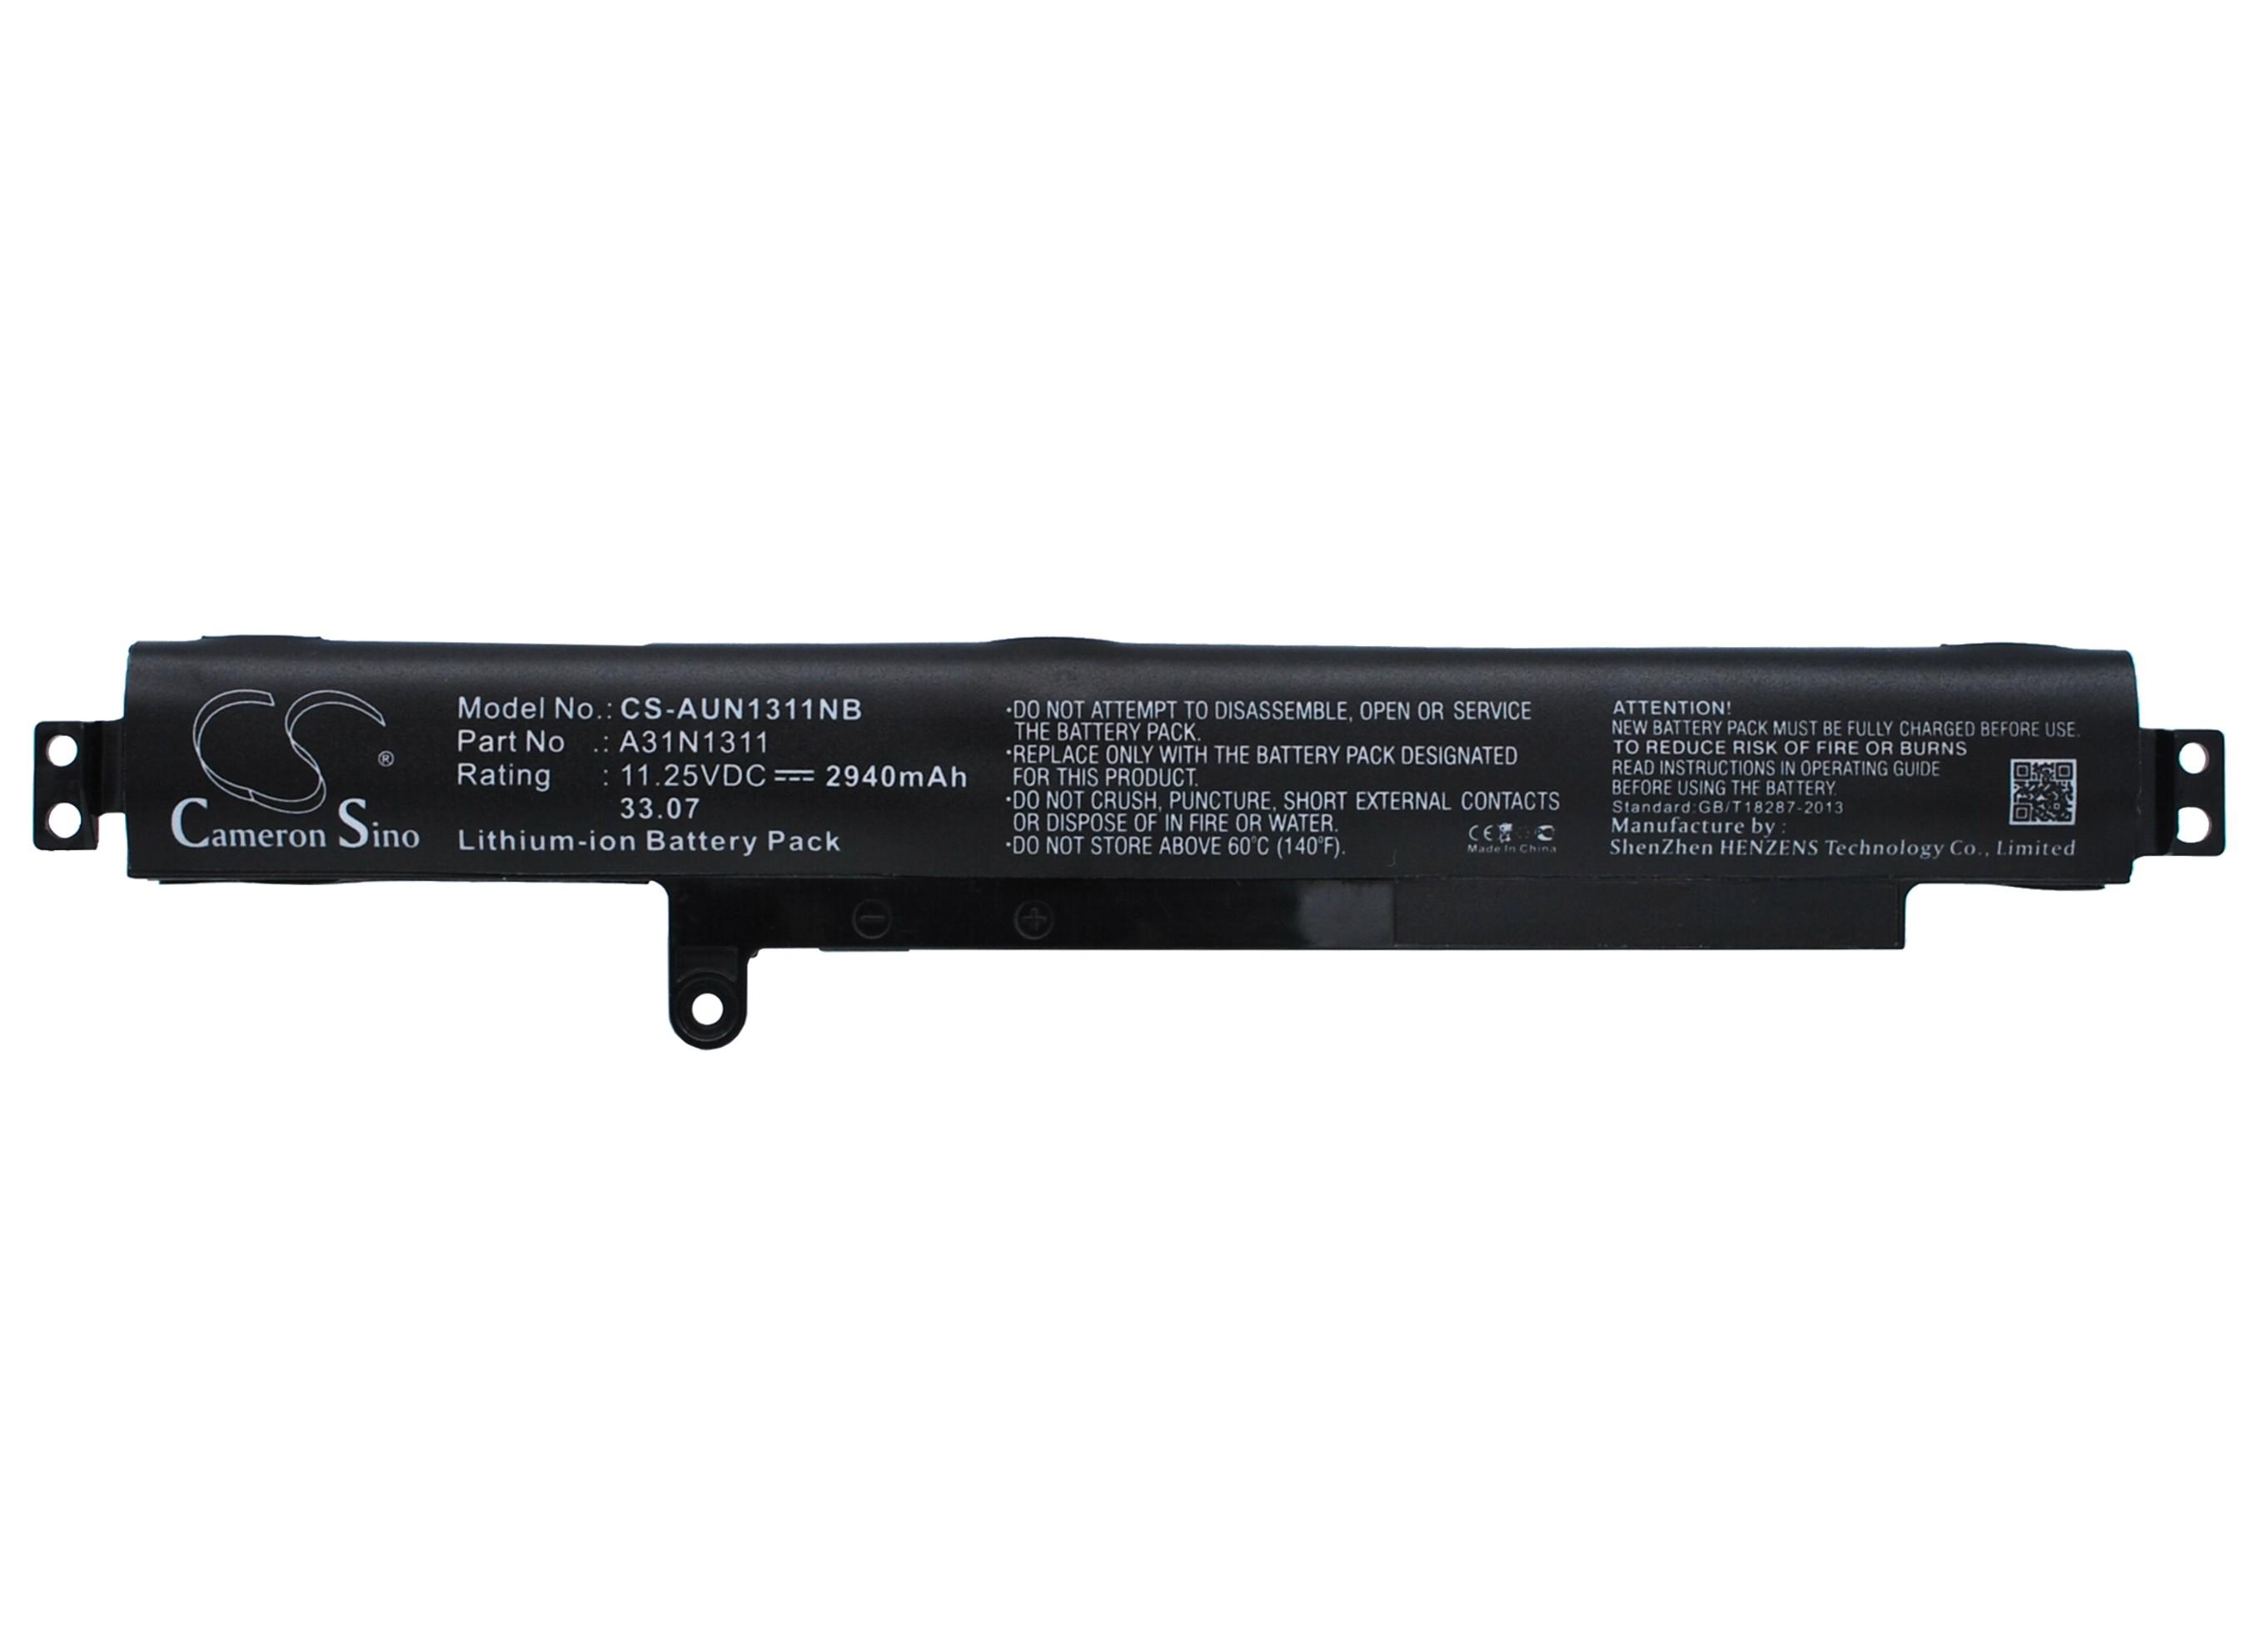 Cameron Sino baterie do notebooků pro ASUS VivoBook F102B 11.25V Li-ion 2940mAh černá - neoriginální